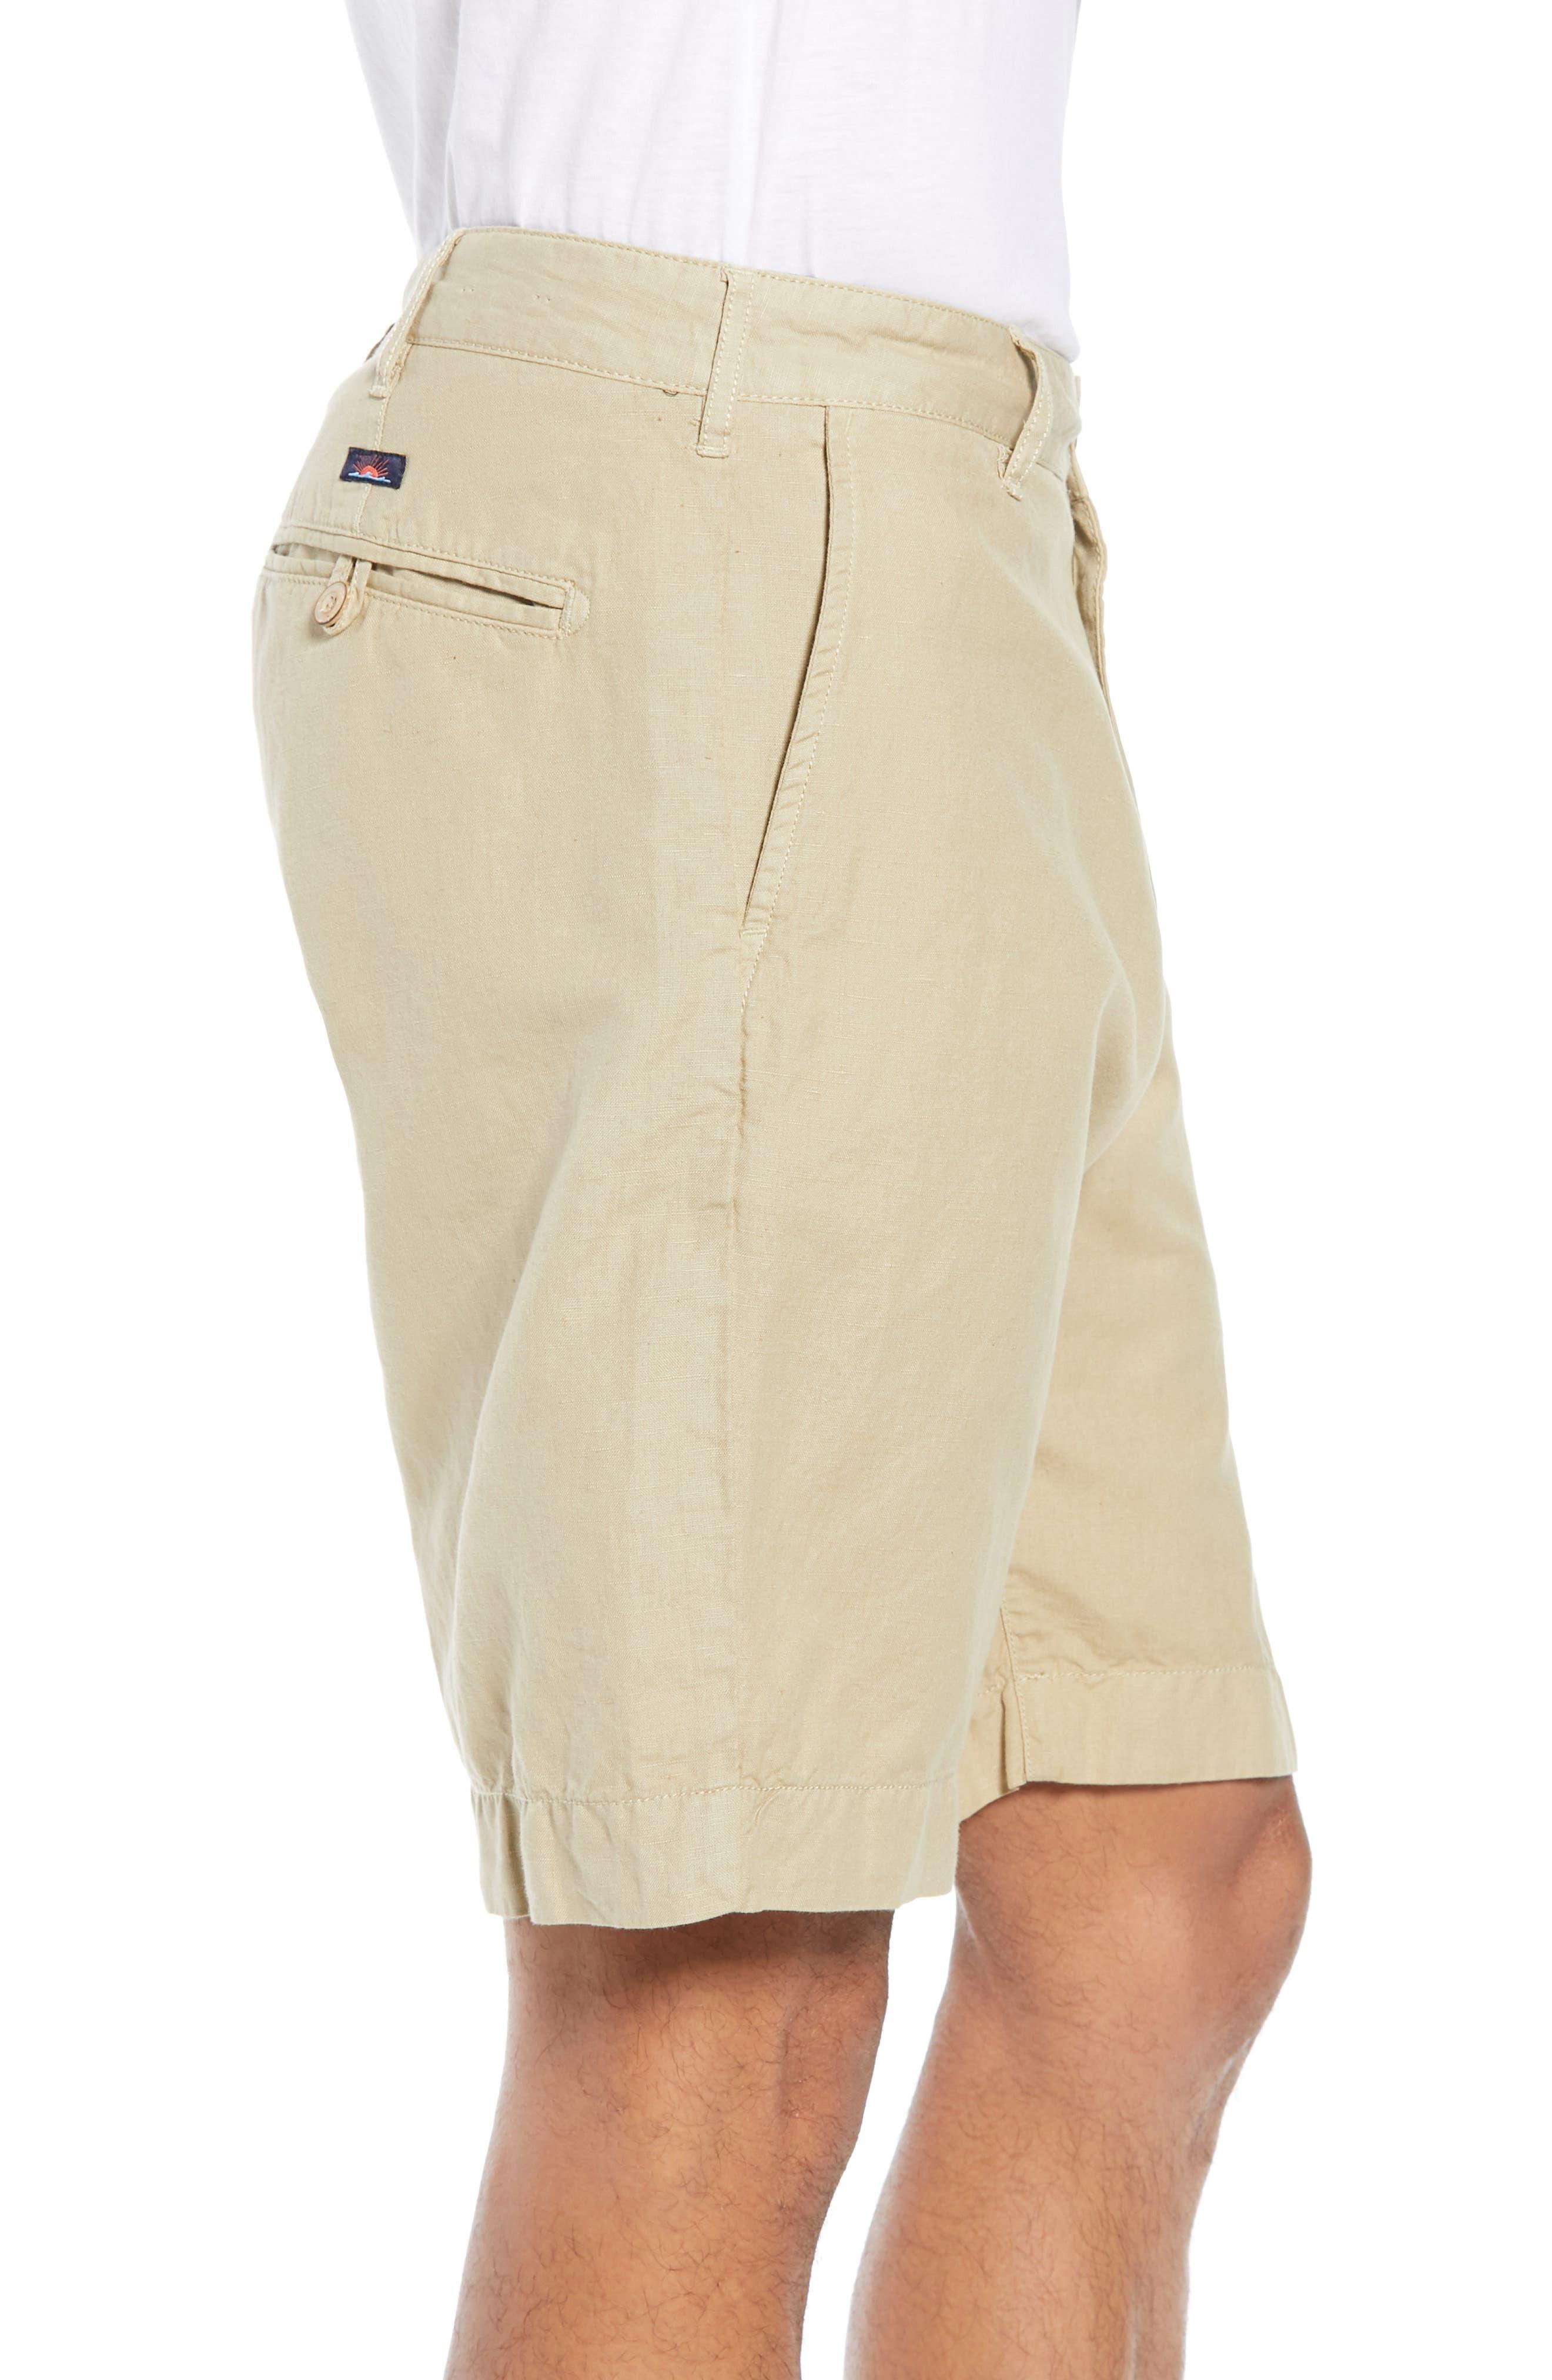 Malibu Shorts,                             Alternate thumbnail 3, color,                             KHAKI